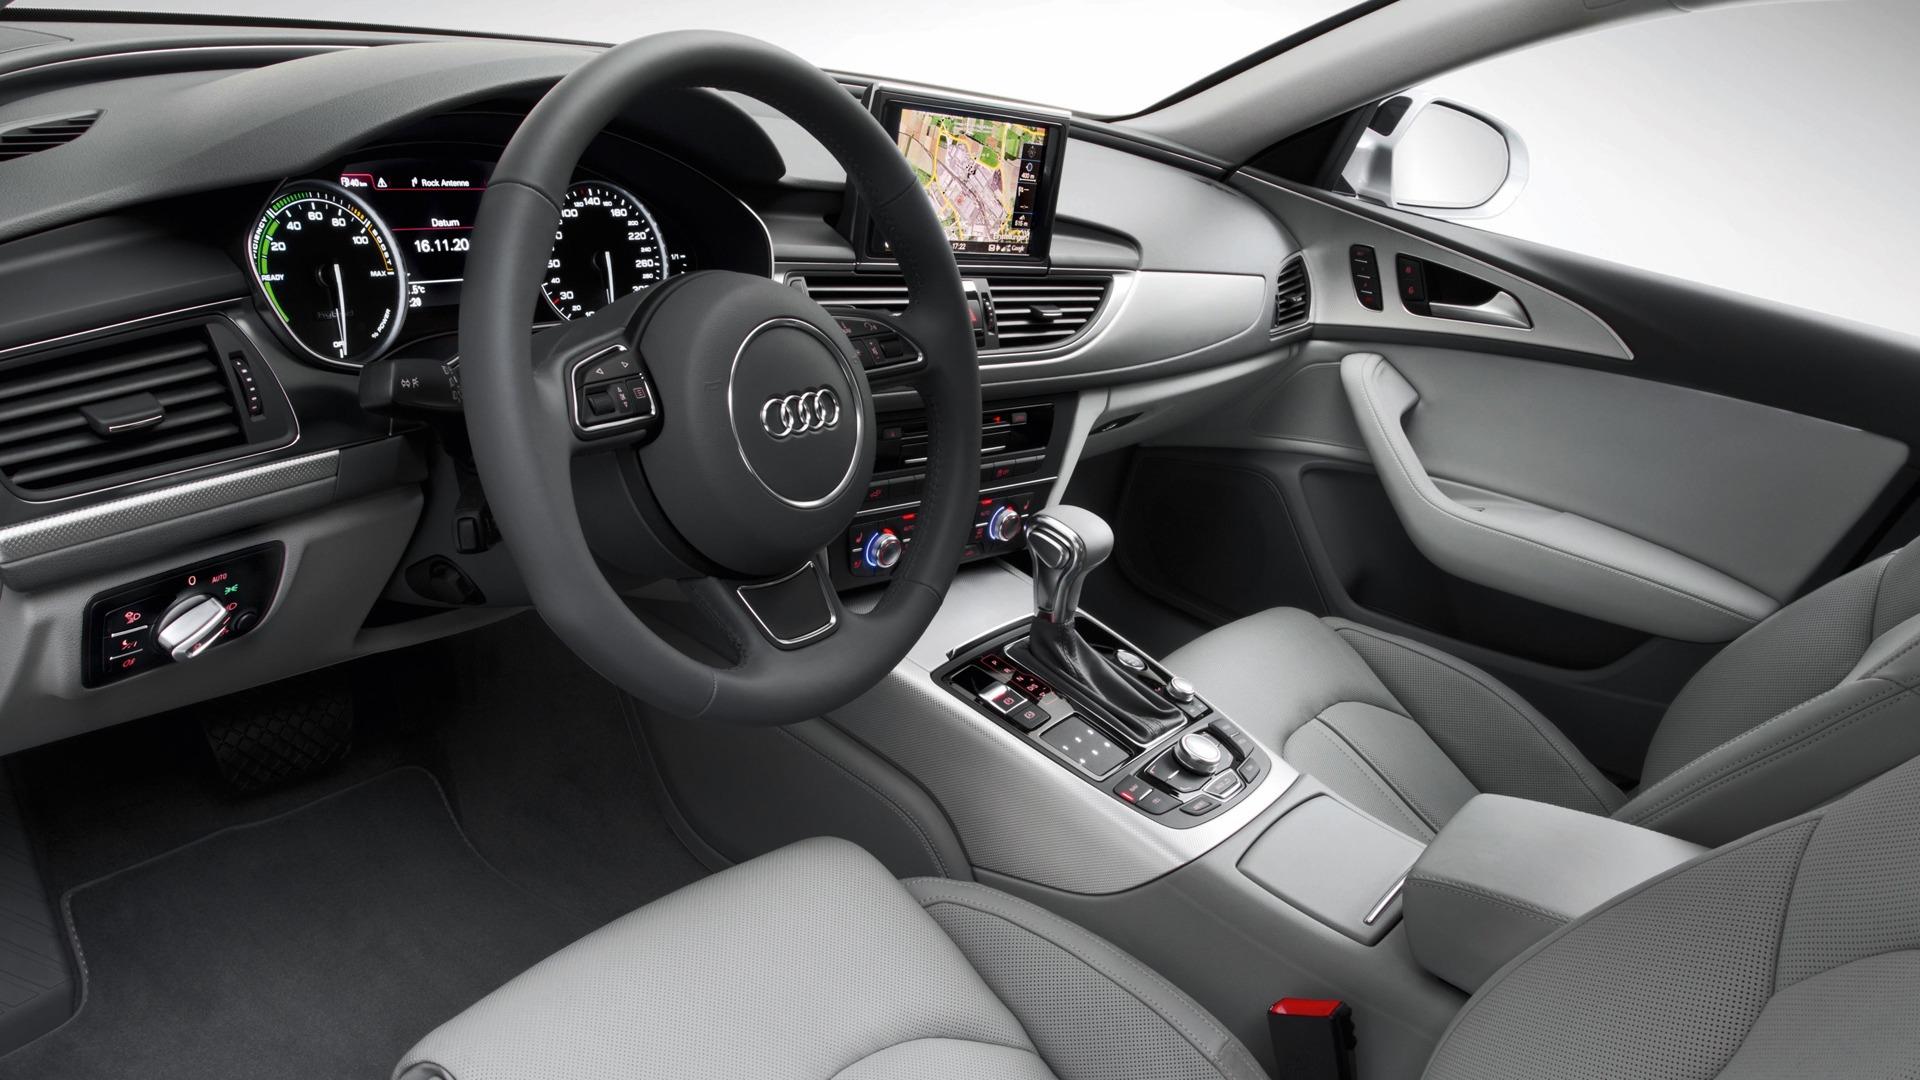 Audi A6 Hybrid 2011 Hd Wallpaper 11 1920x1080